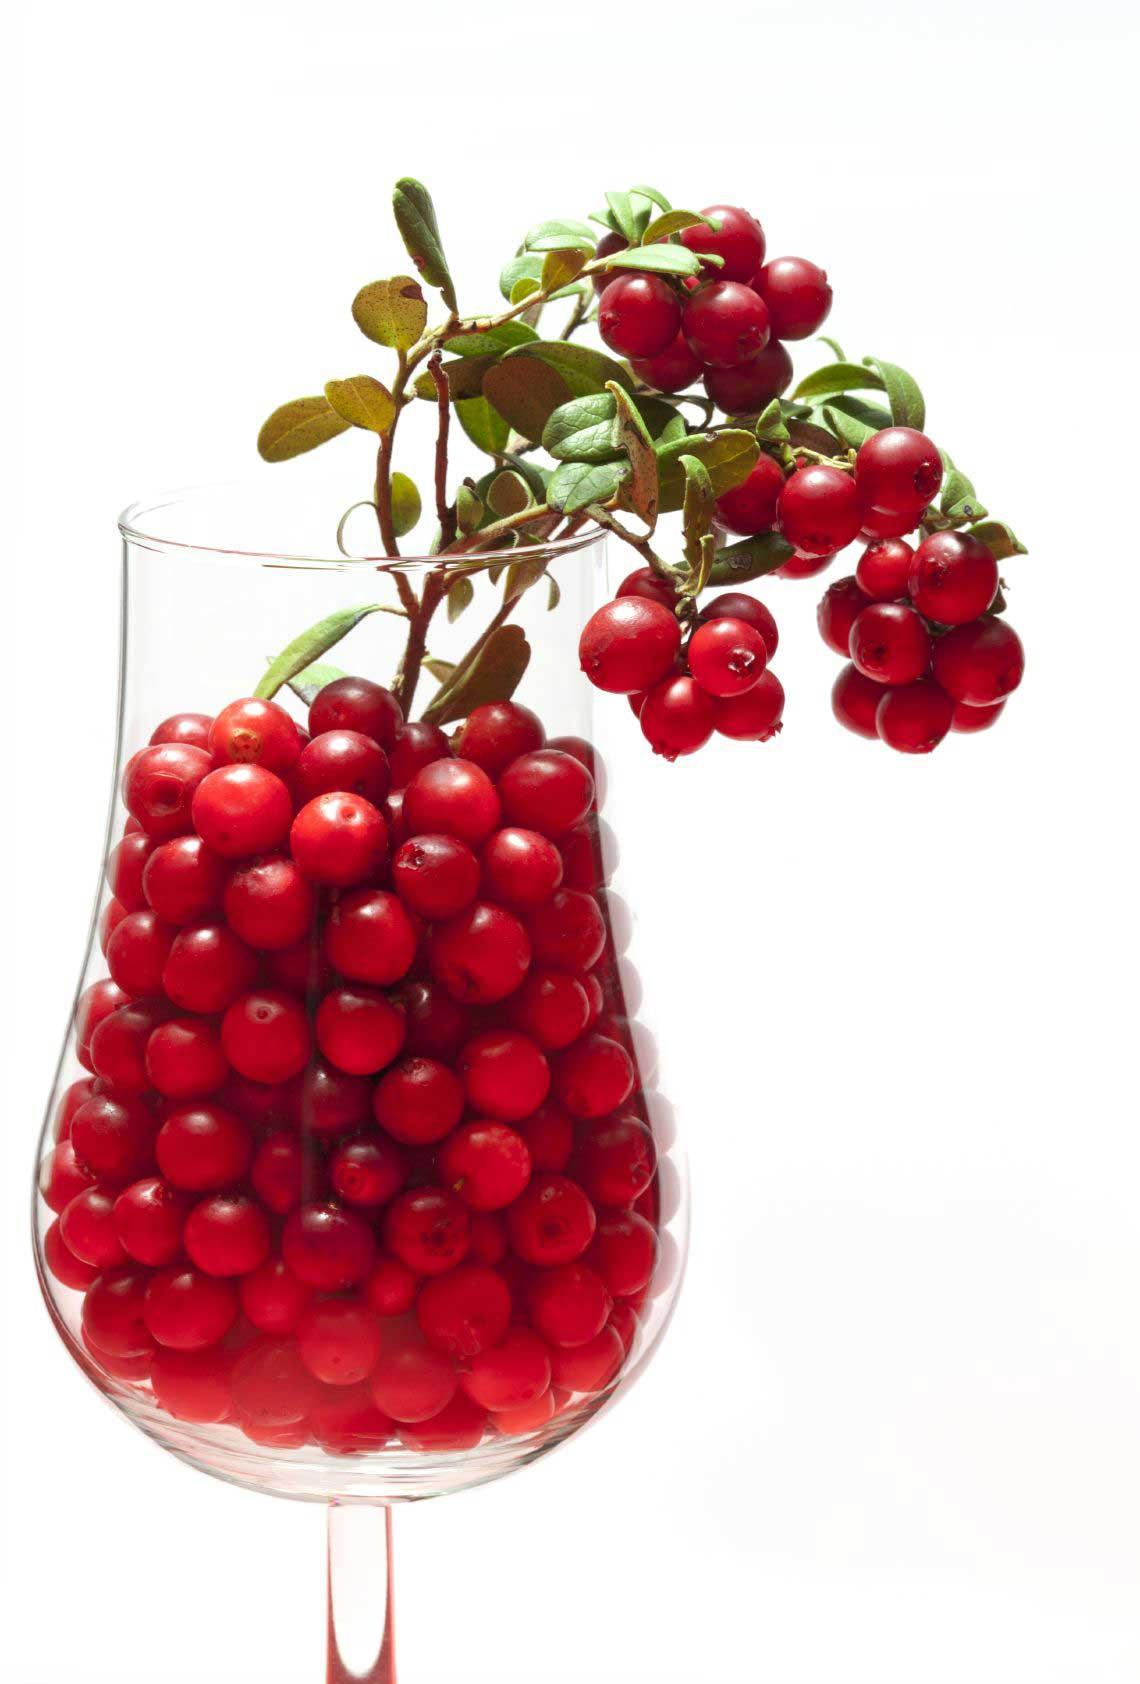 Lingon i glas - lingonjuice har antibakteriell och antiinflammatorisk effekt och kan hjälpa mot urinvägsproblem.